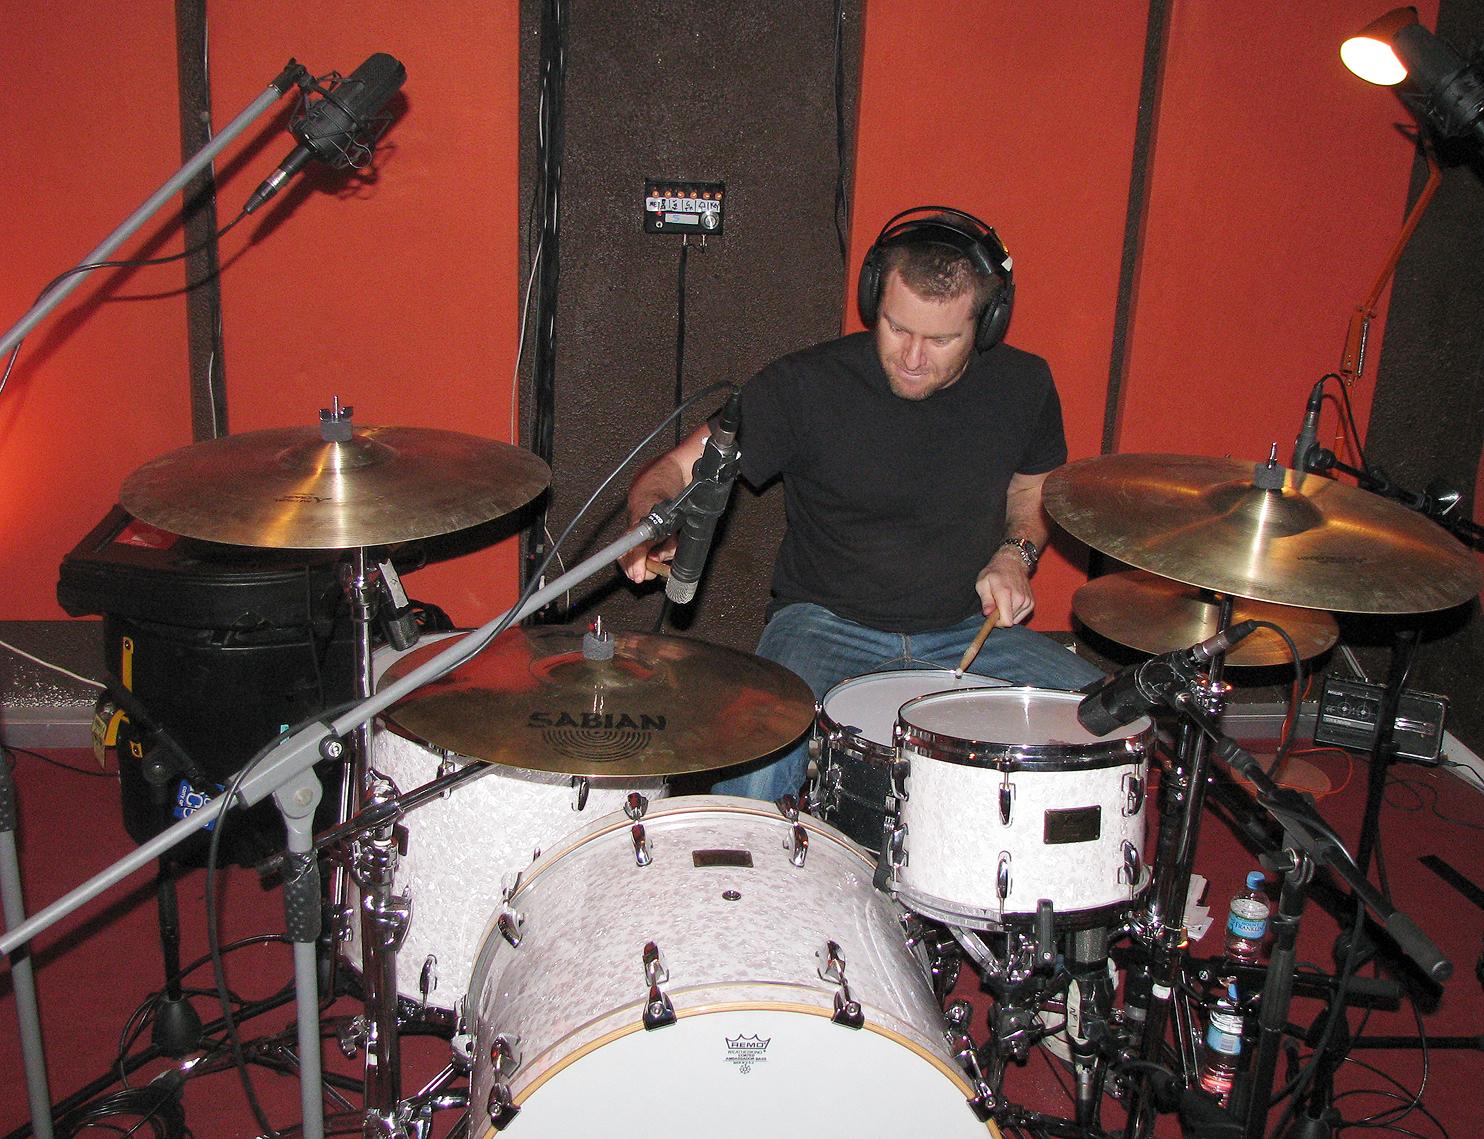 Damian Costin